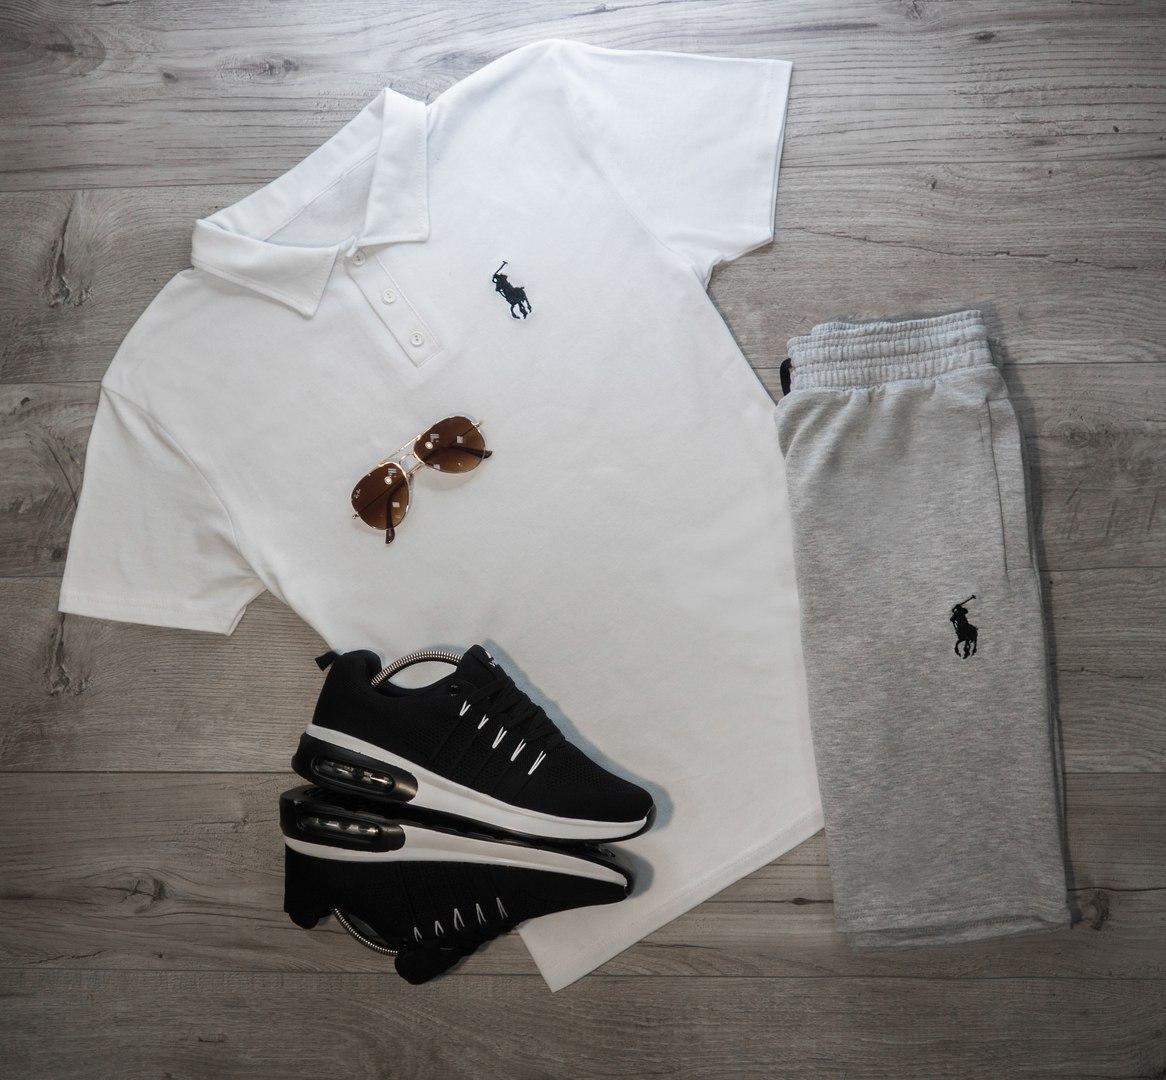 Мужская футболка (поло) в стиле Polo Ralph Lauren белая (S, M, L, XL размеры)